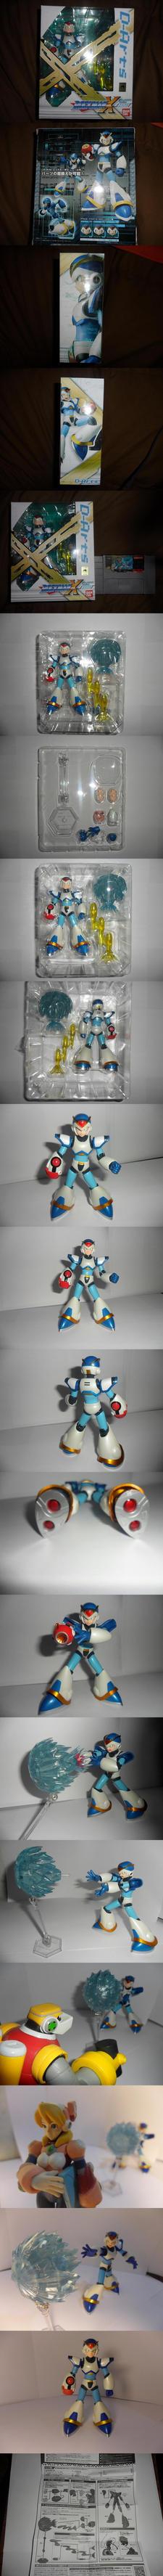 D ARTS Rockman X Full Armor by Akira-Hikari